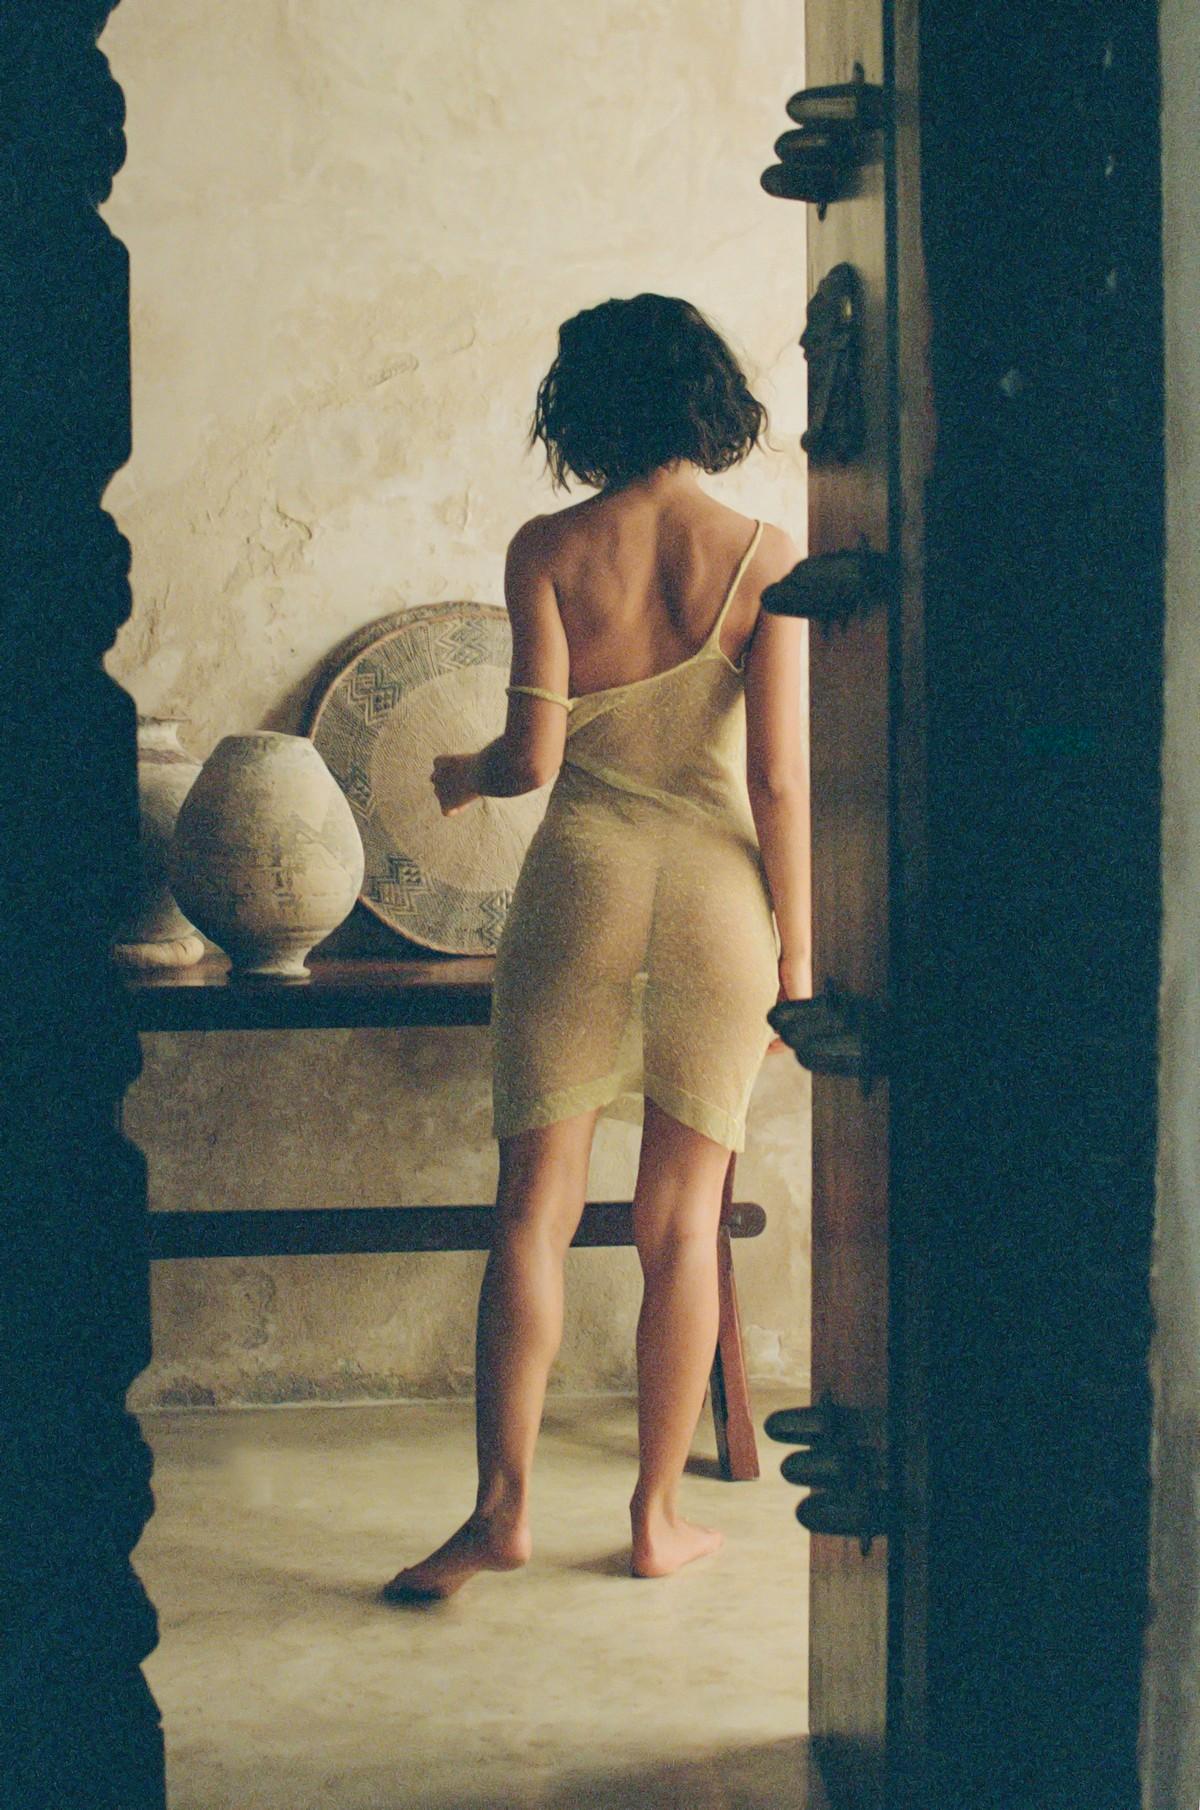 Чувственные снимки девушек от Мишель ван Дейк